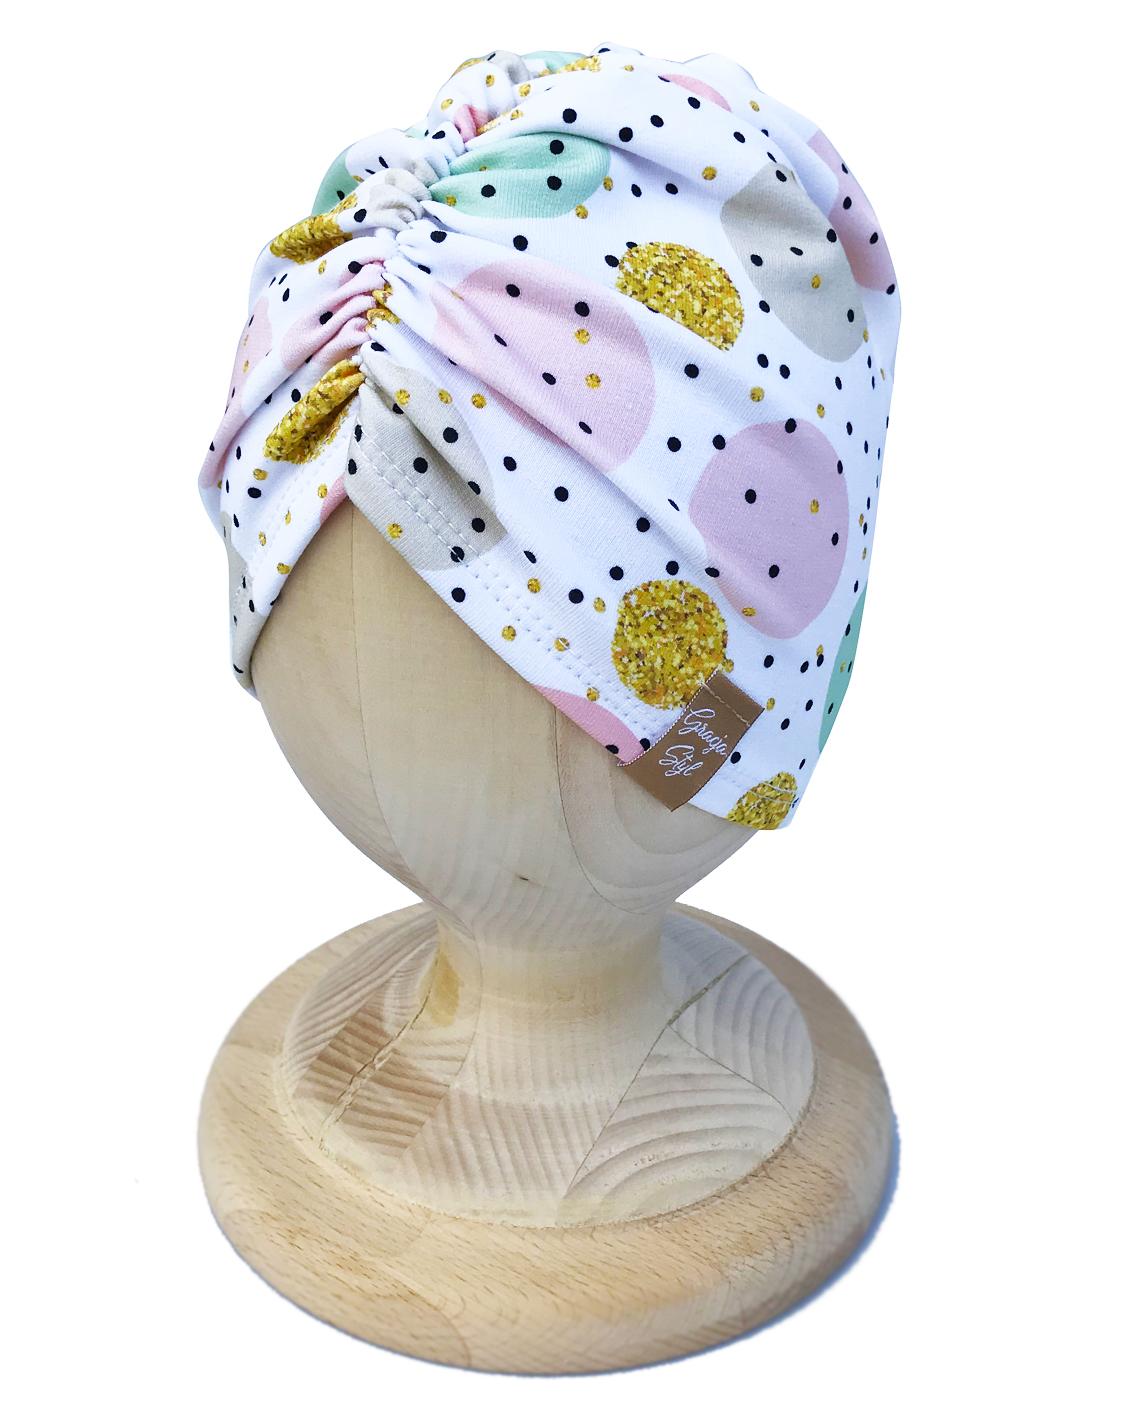 Czapka TURBAN piękna ozdoba główki dla malucha jak i zarówno dla starszych dziewczynek. Wykonany z POJEDYNCZEJ elastycznej dresówki idealny na chłodniejsze dni. Super zamiennik dla czapek chust, kapeluszy. Dzięki zastosowaniu wysokiej jakości dresówki oraz domieszce elastanu dzianina dobrze się układa, zapobiega przesunięciu się a co za tym idzie w trakcie użytkowania nie zsuwa się z USZÓW. Z racji użycia pojedynczej ilości materiału zestaw dedykujemy na wiosenną porę.